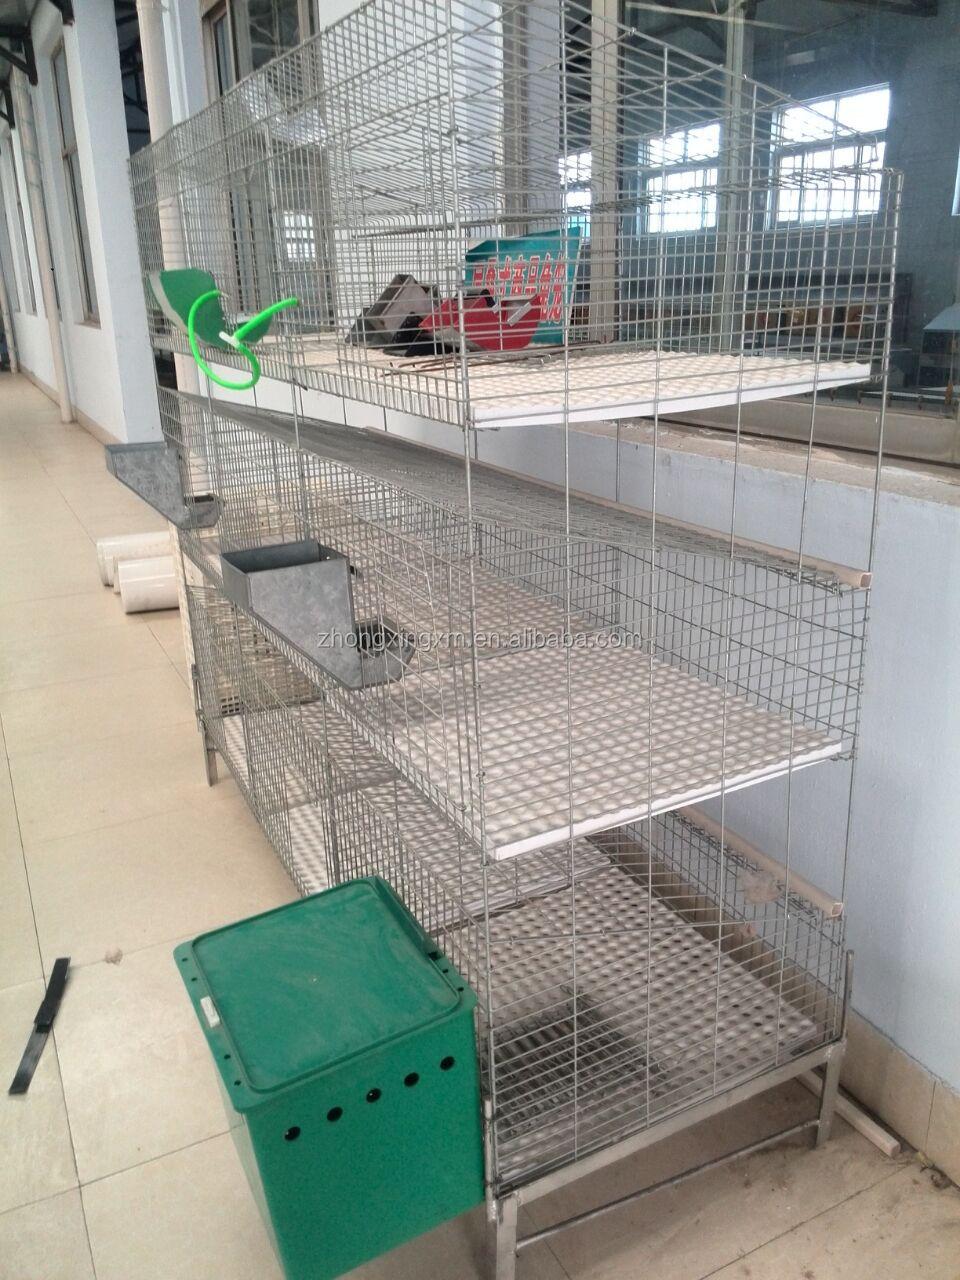 Professionelle Kaninchenhaltung Käfig/geschweißt Kaninchen Käfig ...